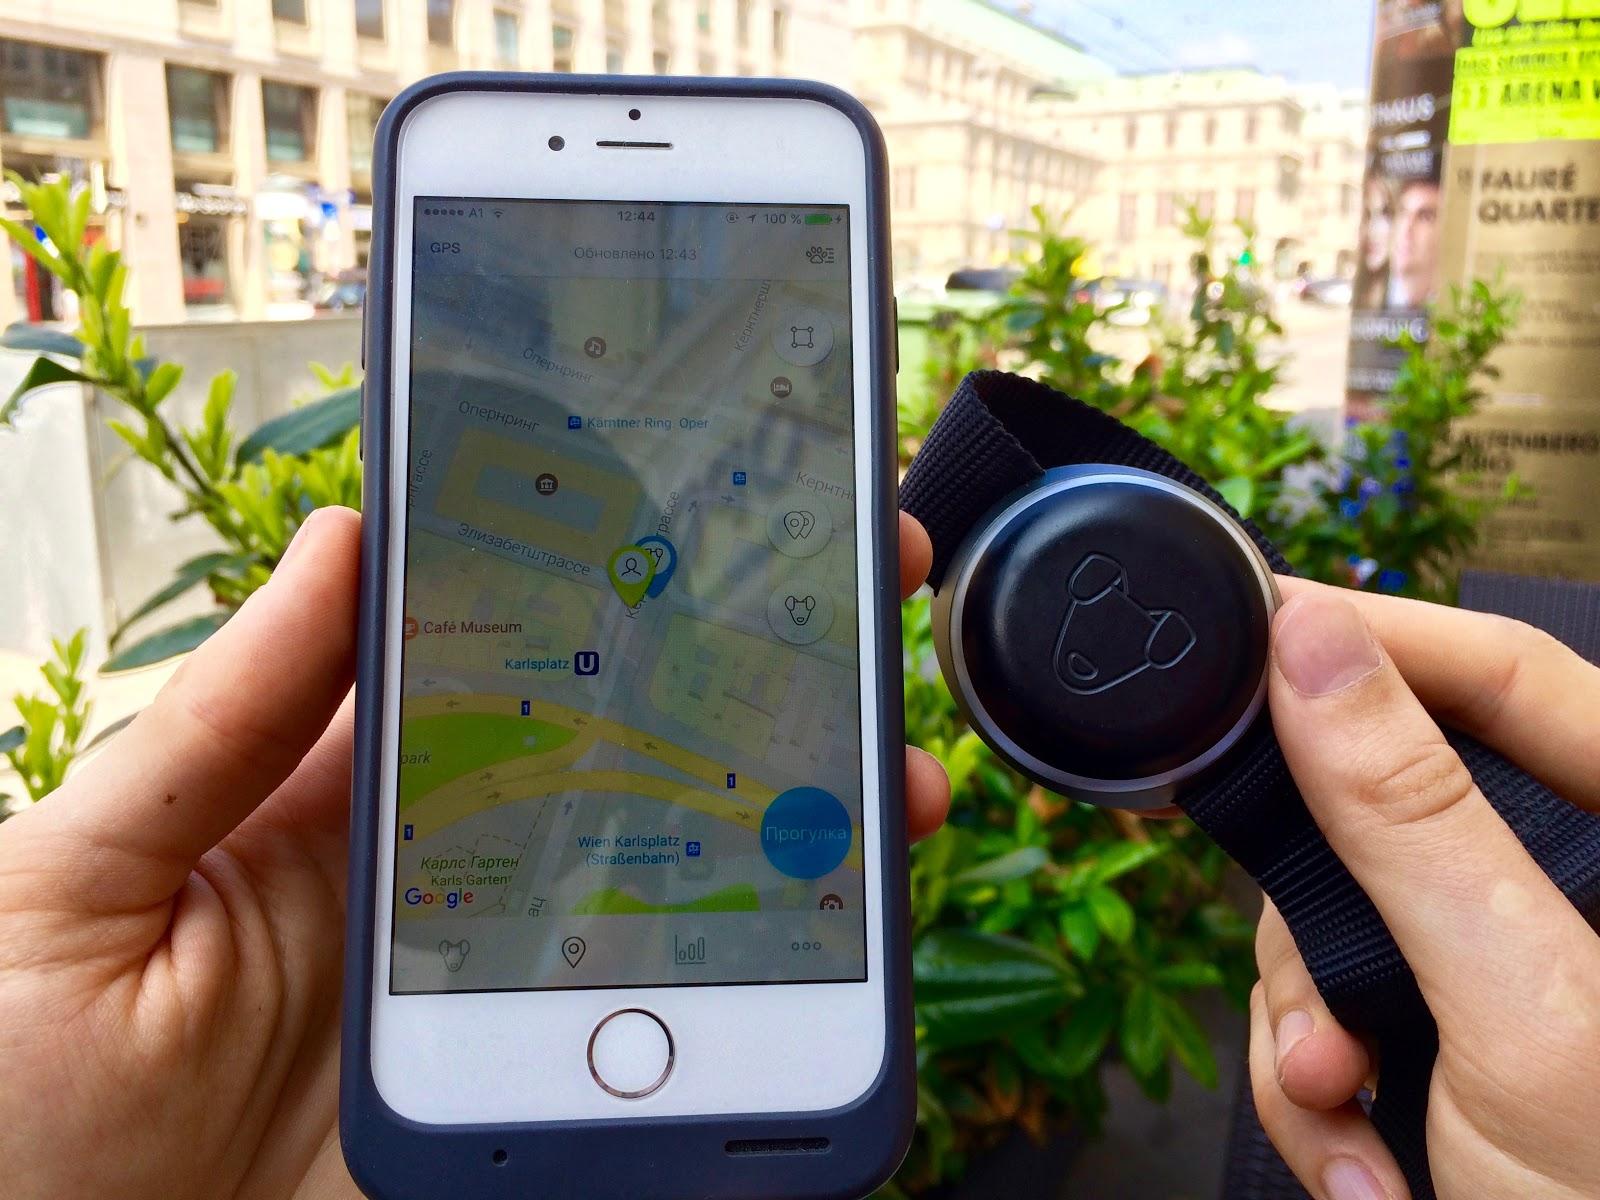 Роуминг за границей: как отличаются цены на мобильный интернет в Европе? - 3